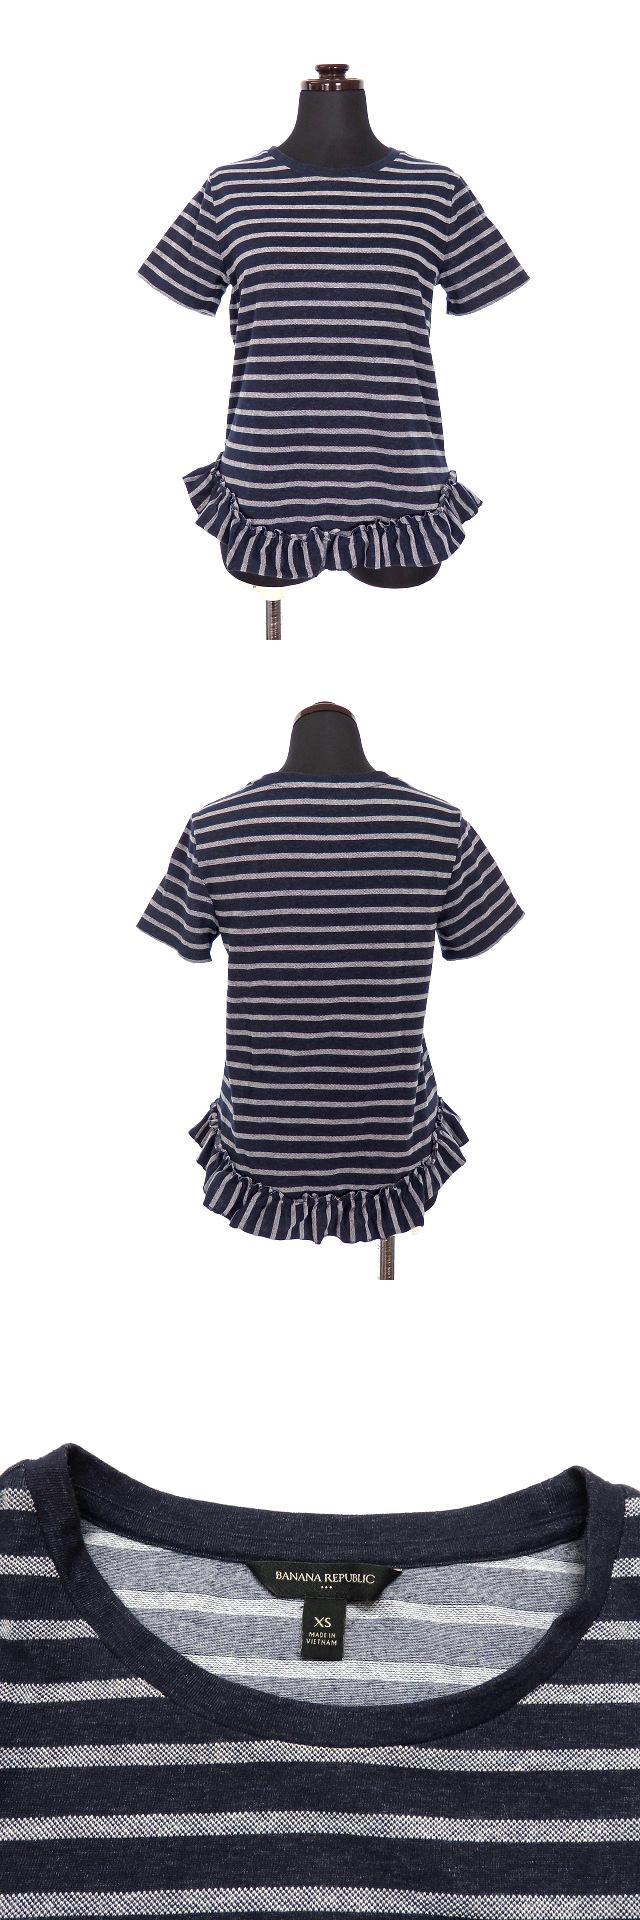 ペプラム ボーダー Tシャツ カットソー 半袖 XS ネイビー 紺 春夏